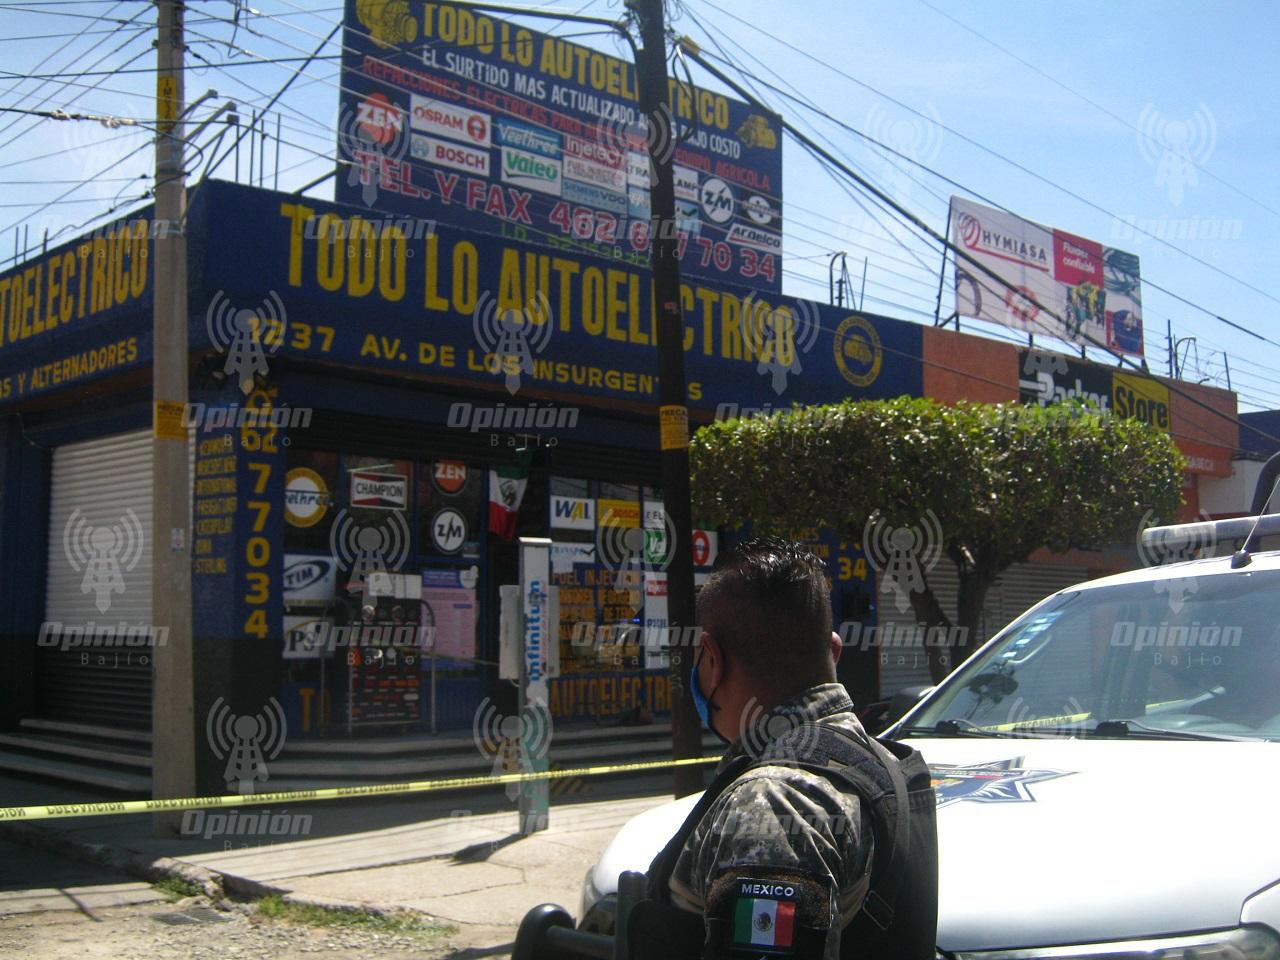 Ataque armado en refaccionaria: un muerto